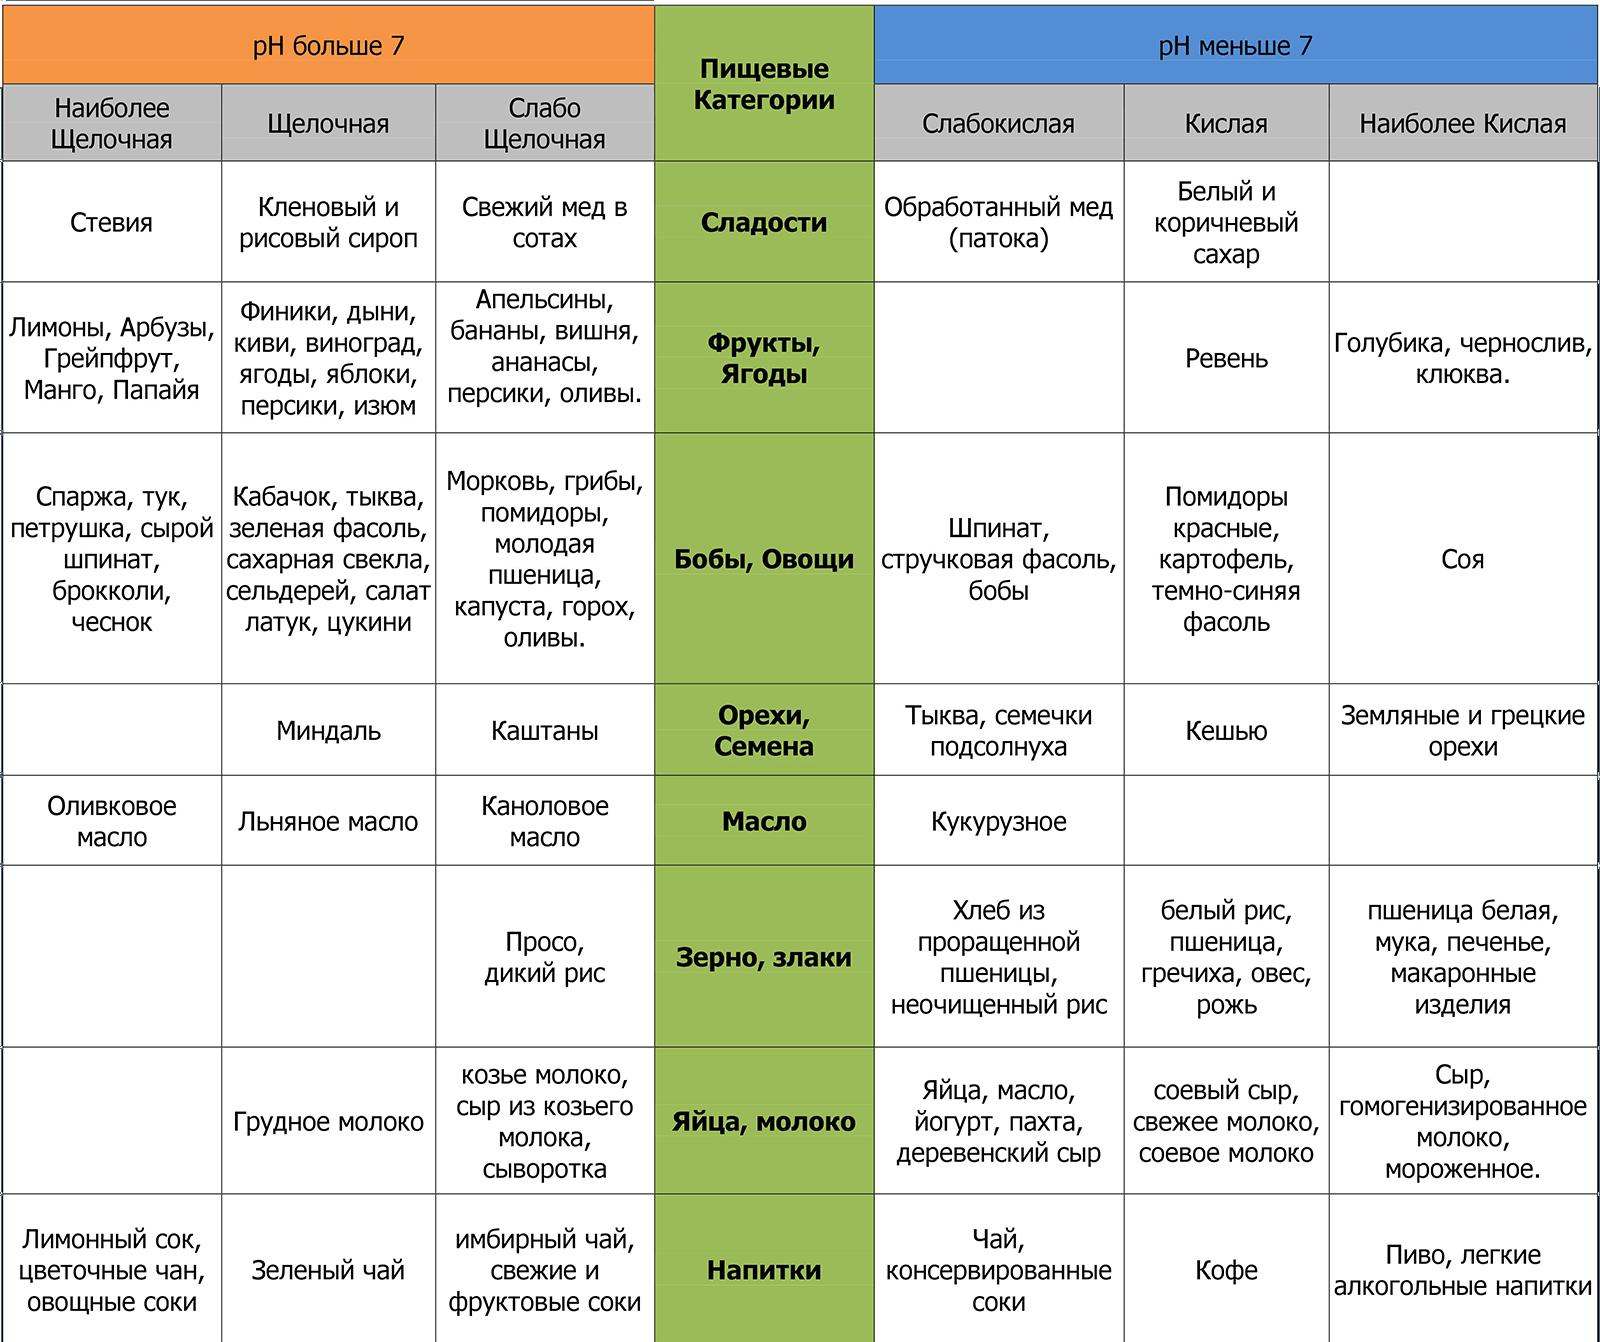 Центры Лечения Псориаза